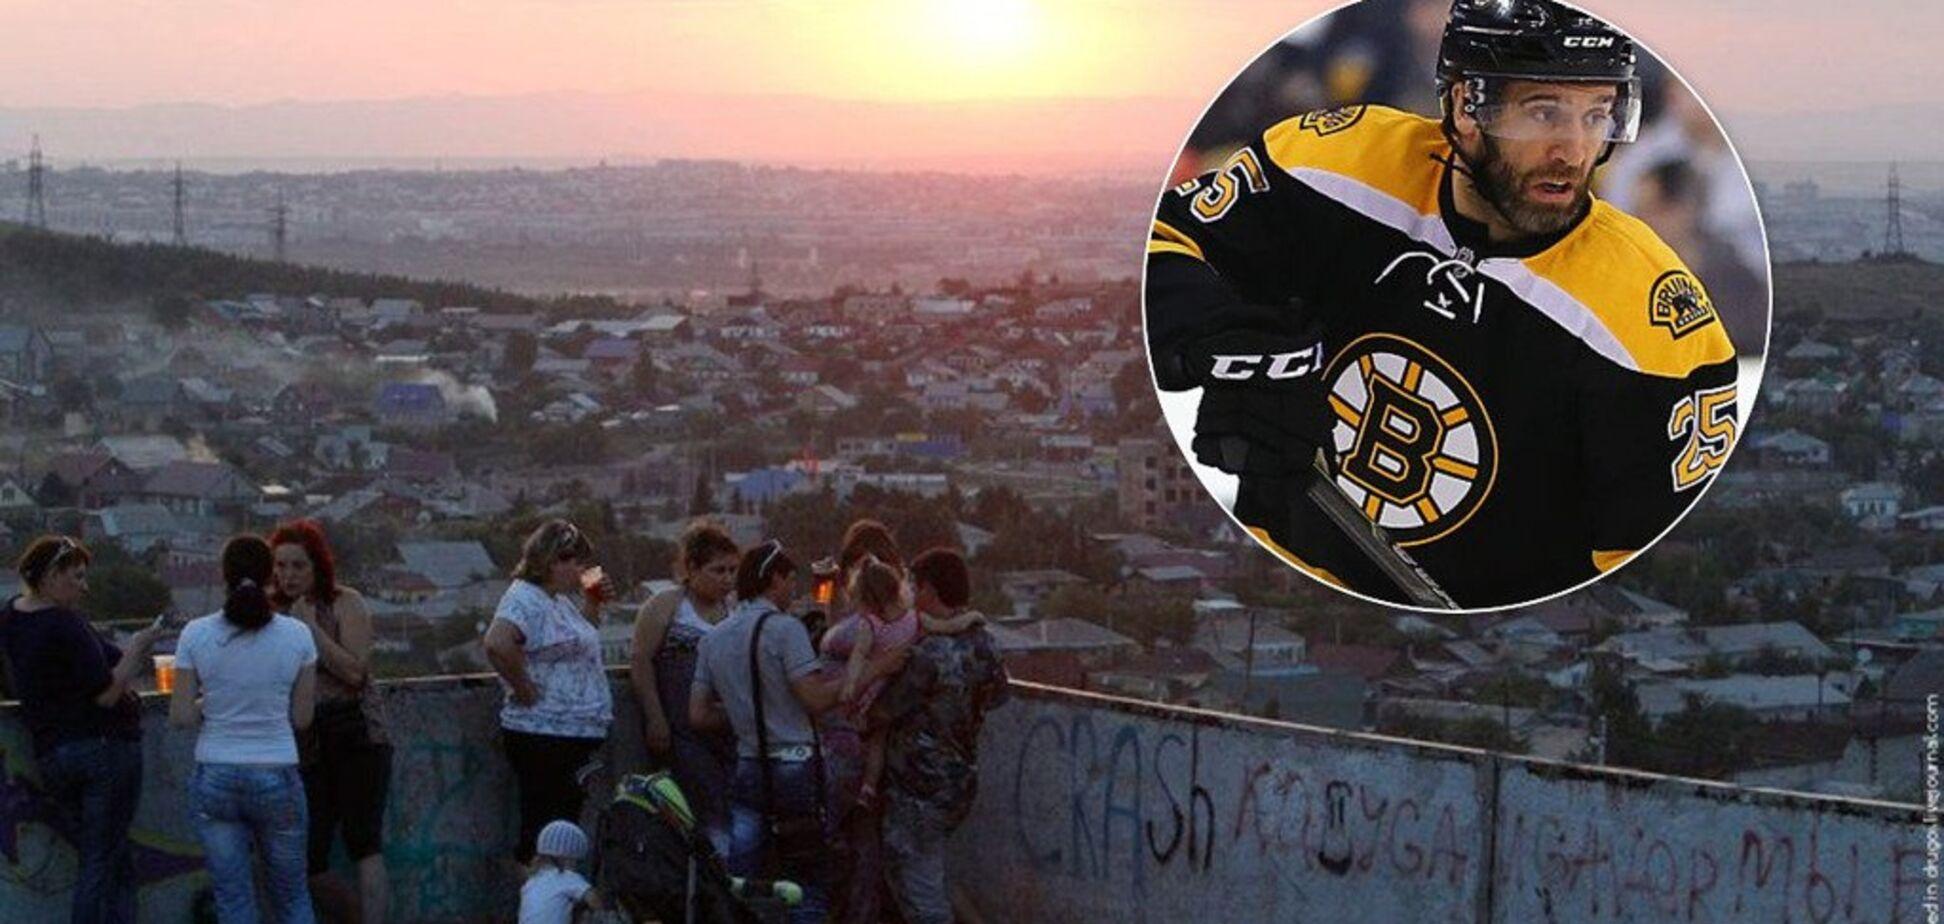 'Самое ср*ное место': канадский хоккеист о выступлении в России